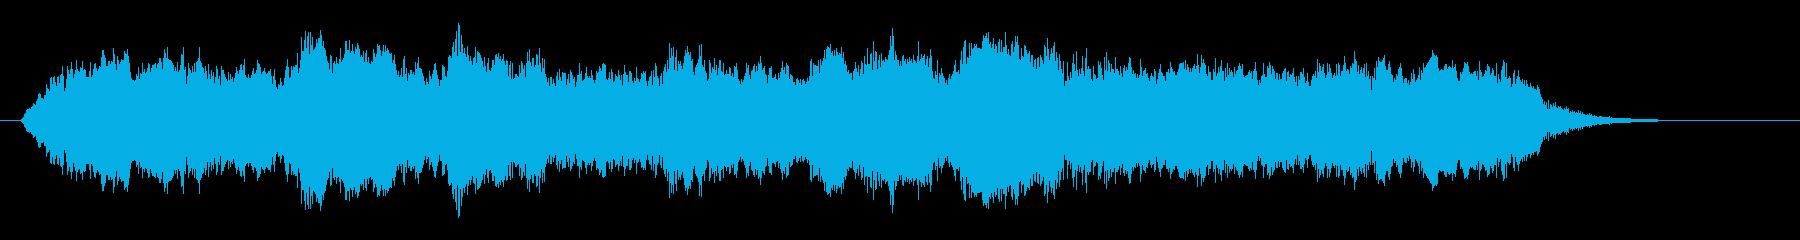 優雅で繊細なヒーリングジングルの再生済みの波形